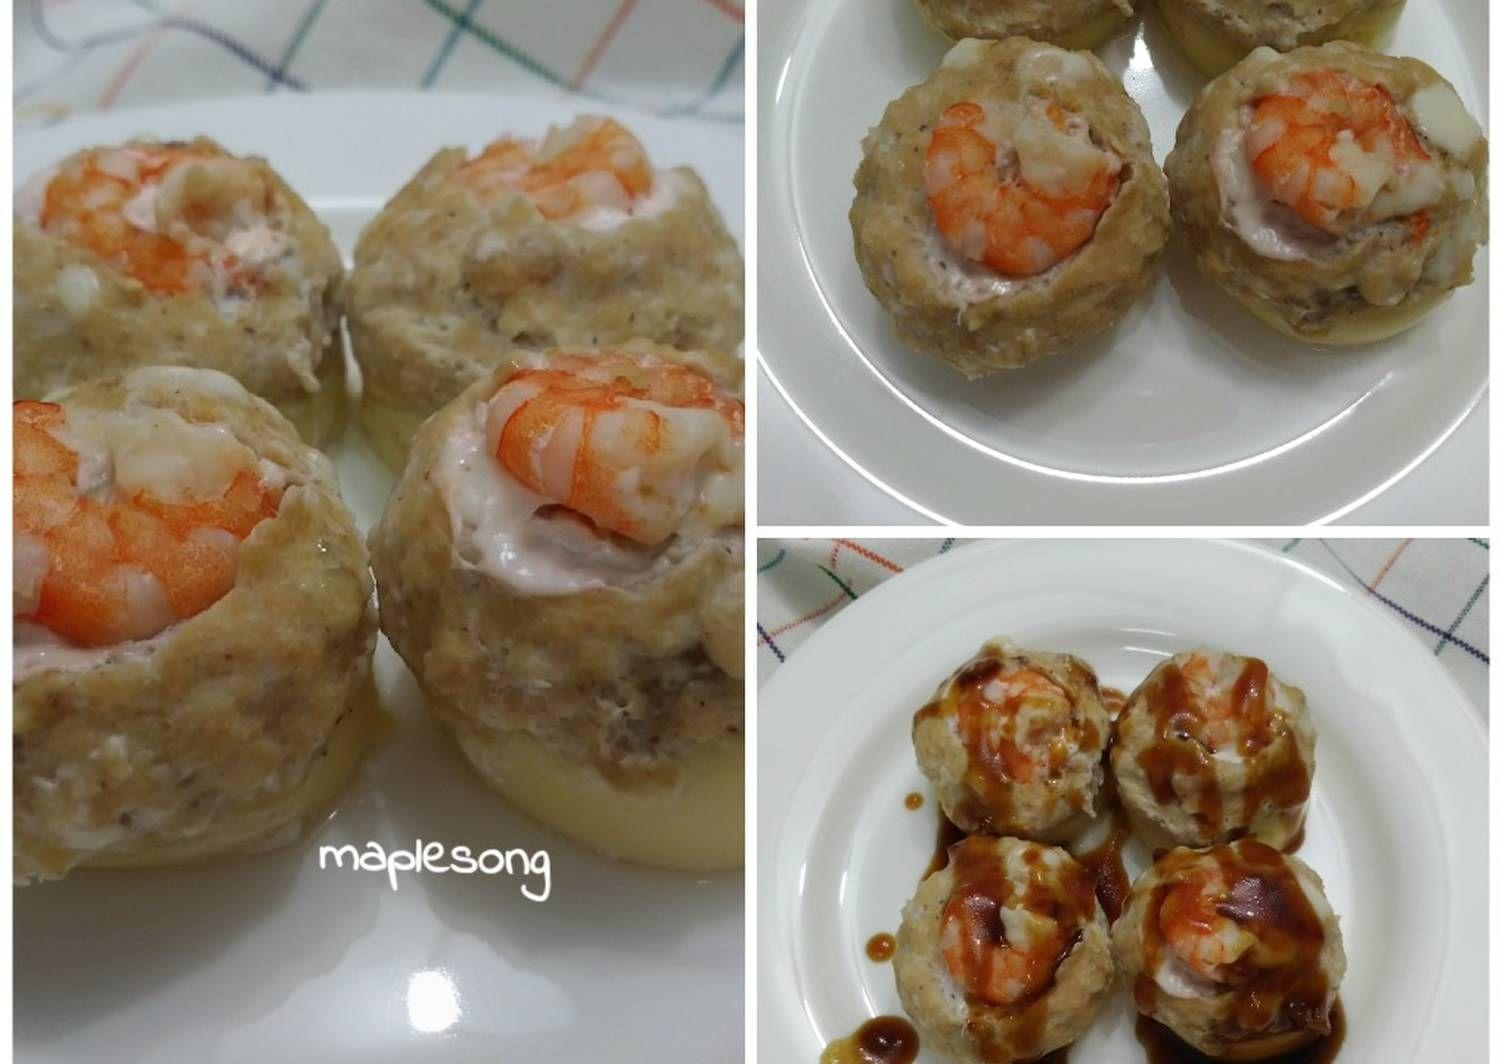 Resep Tofu Mushroom Saus Teriyaki Oleh Maplesong Resep Tahu Memasak Makanan